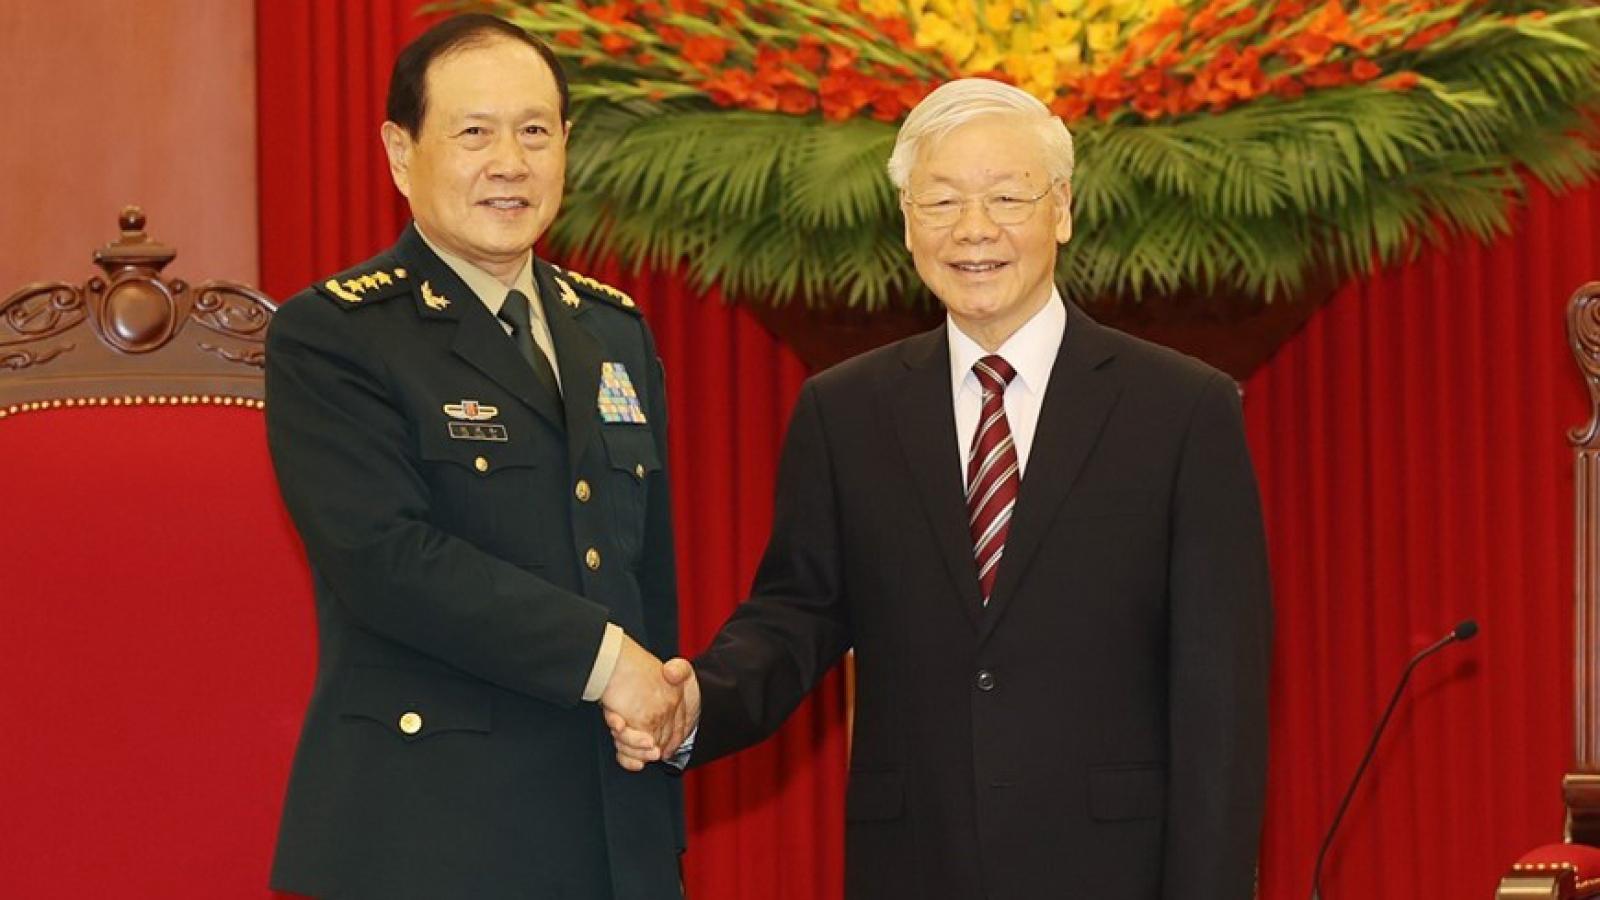 Tổng Bí thư Nguyễn Phú Trọng tiếp Bộtrưởng Quốc phòng Trung Quốc Ngụy Phượng Hòa